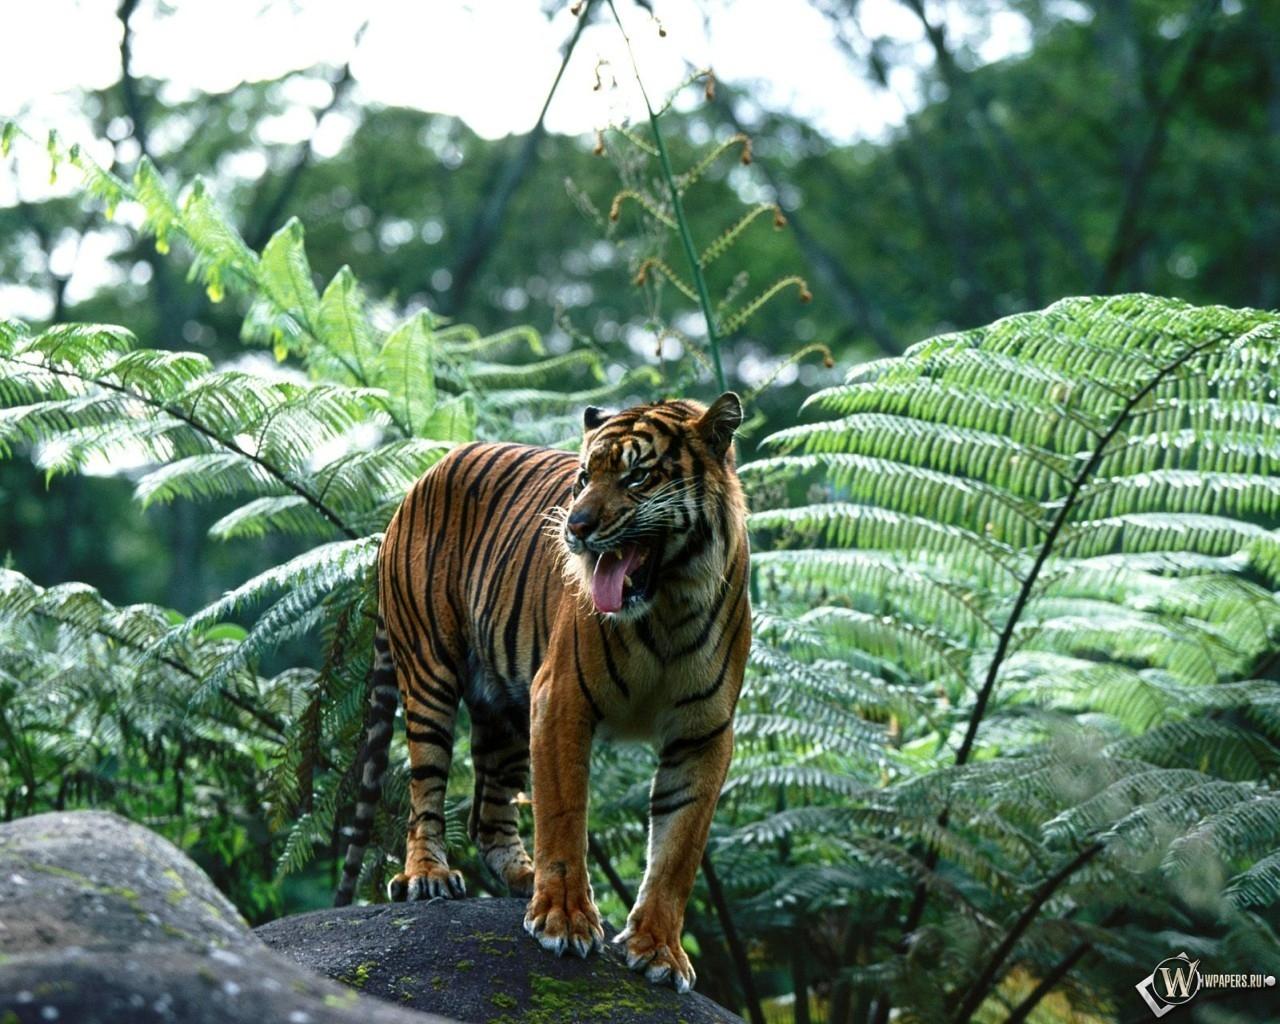 Sumatran Tiger 1280x1024